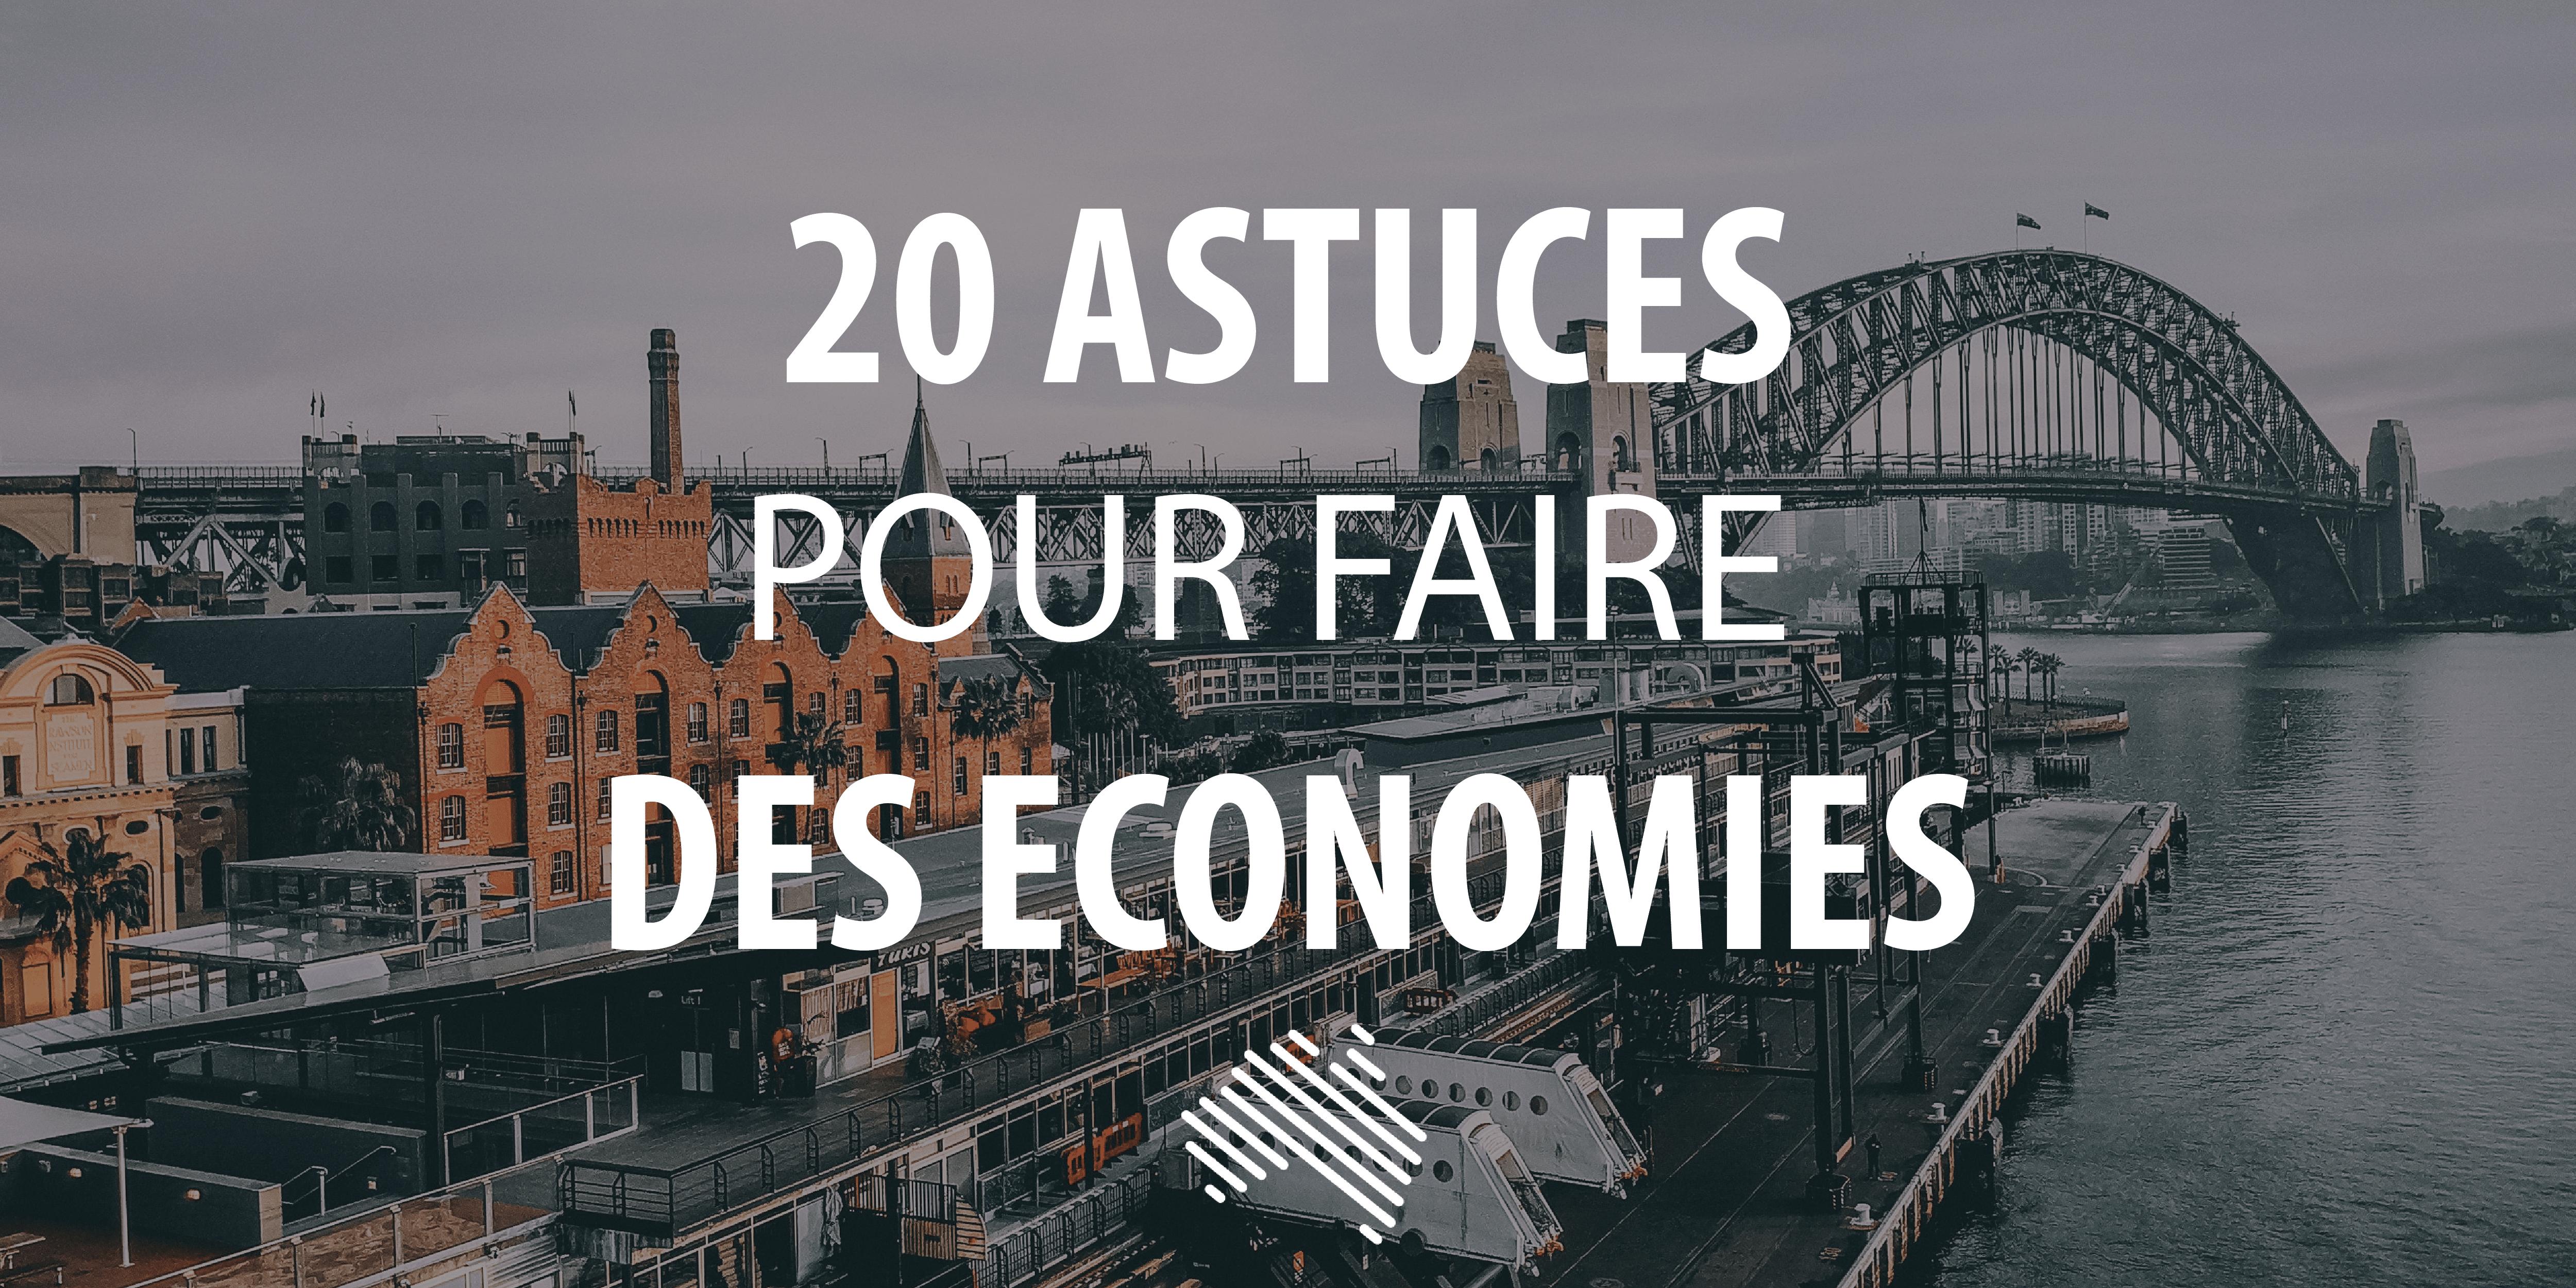 Astuces Pour Faire Des Économies Sur Les Courses 20 astuces pour faire des économies en australie